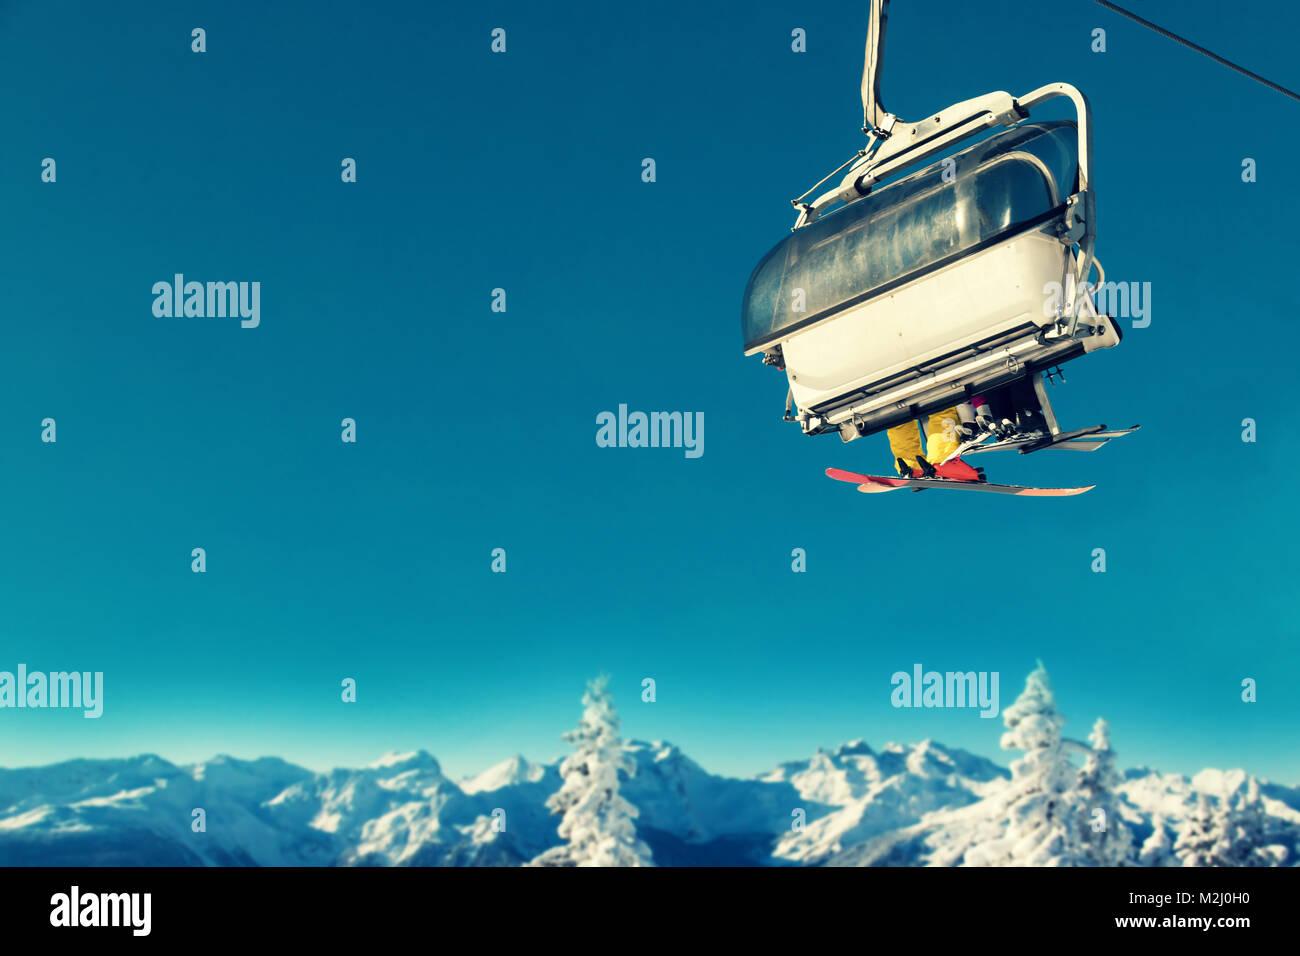 La gente en telesilla en la estación de esquí por encima de árboles nevados y montañas Foto de stock